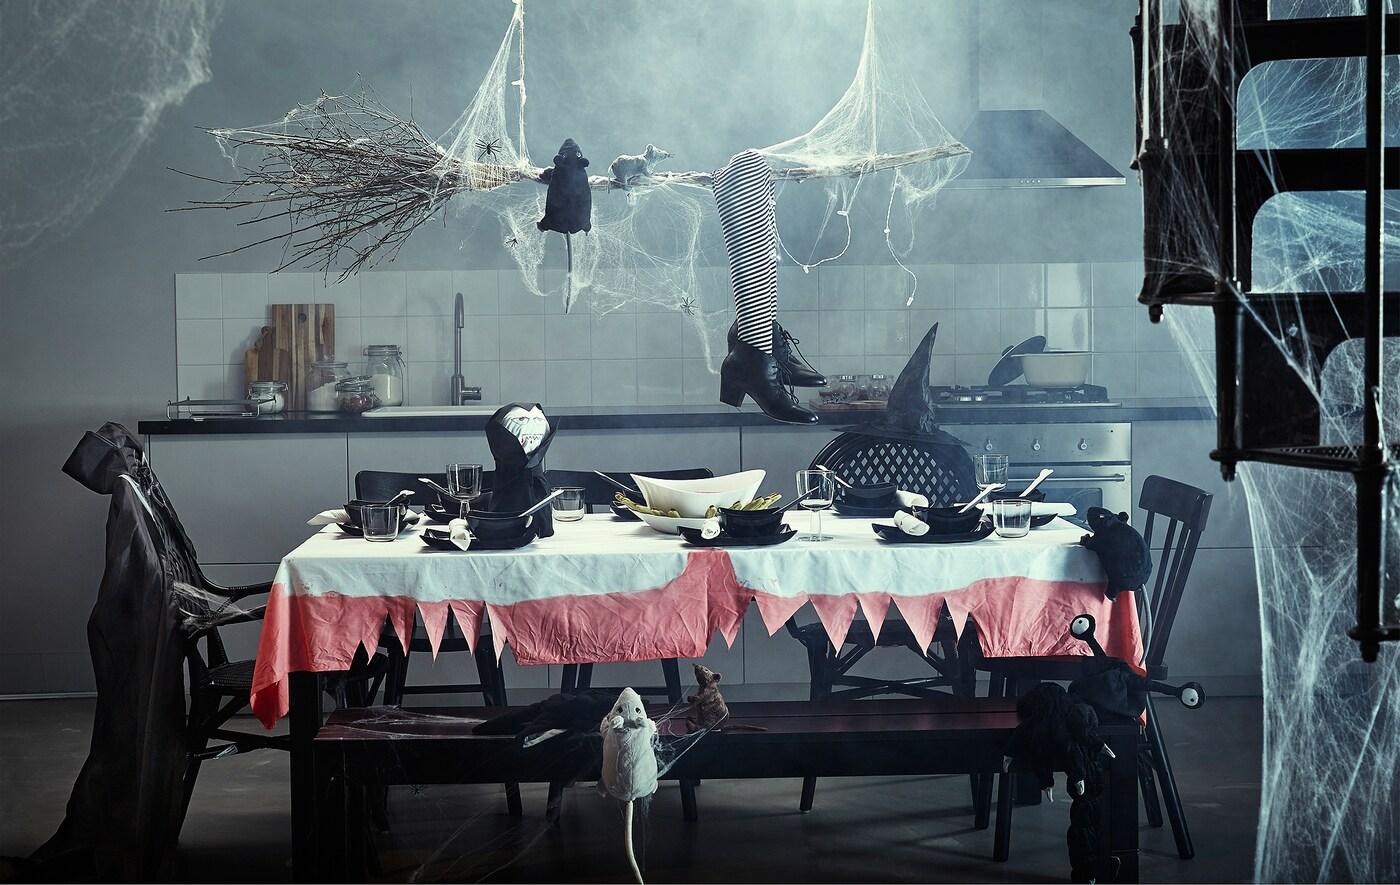 Мама с двумя детьми за столом, украшенным к Хэллоуину.